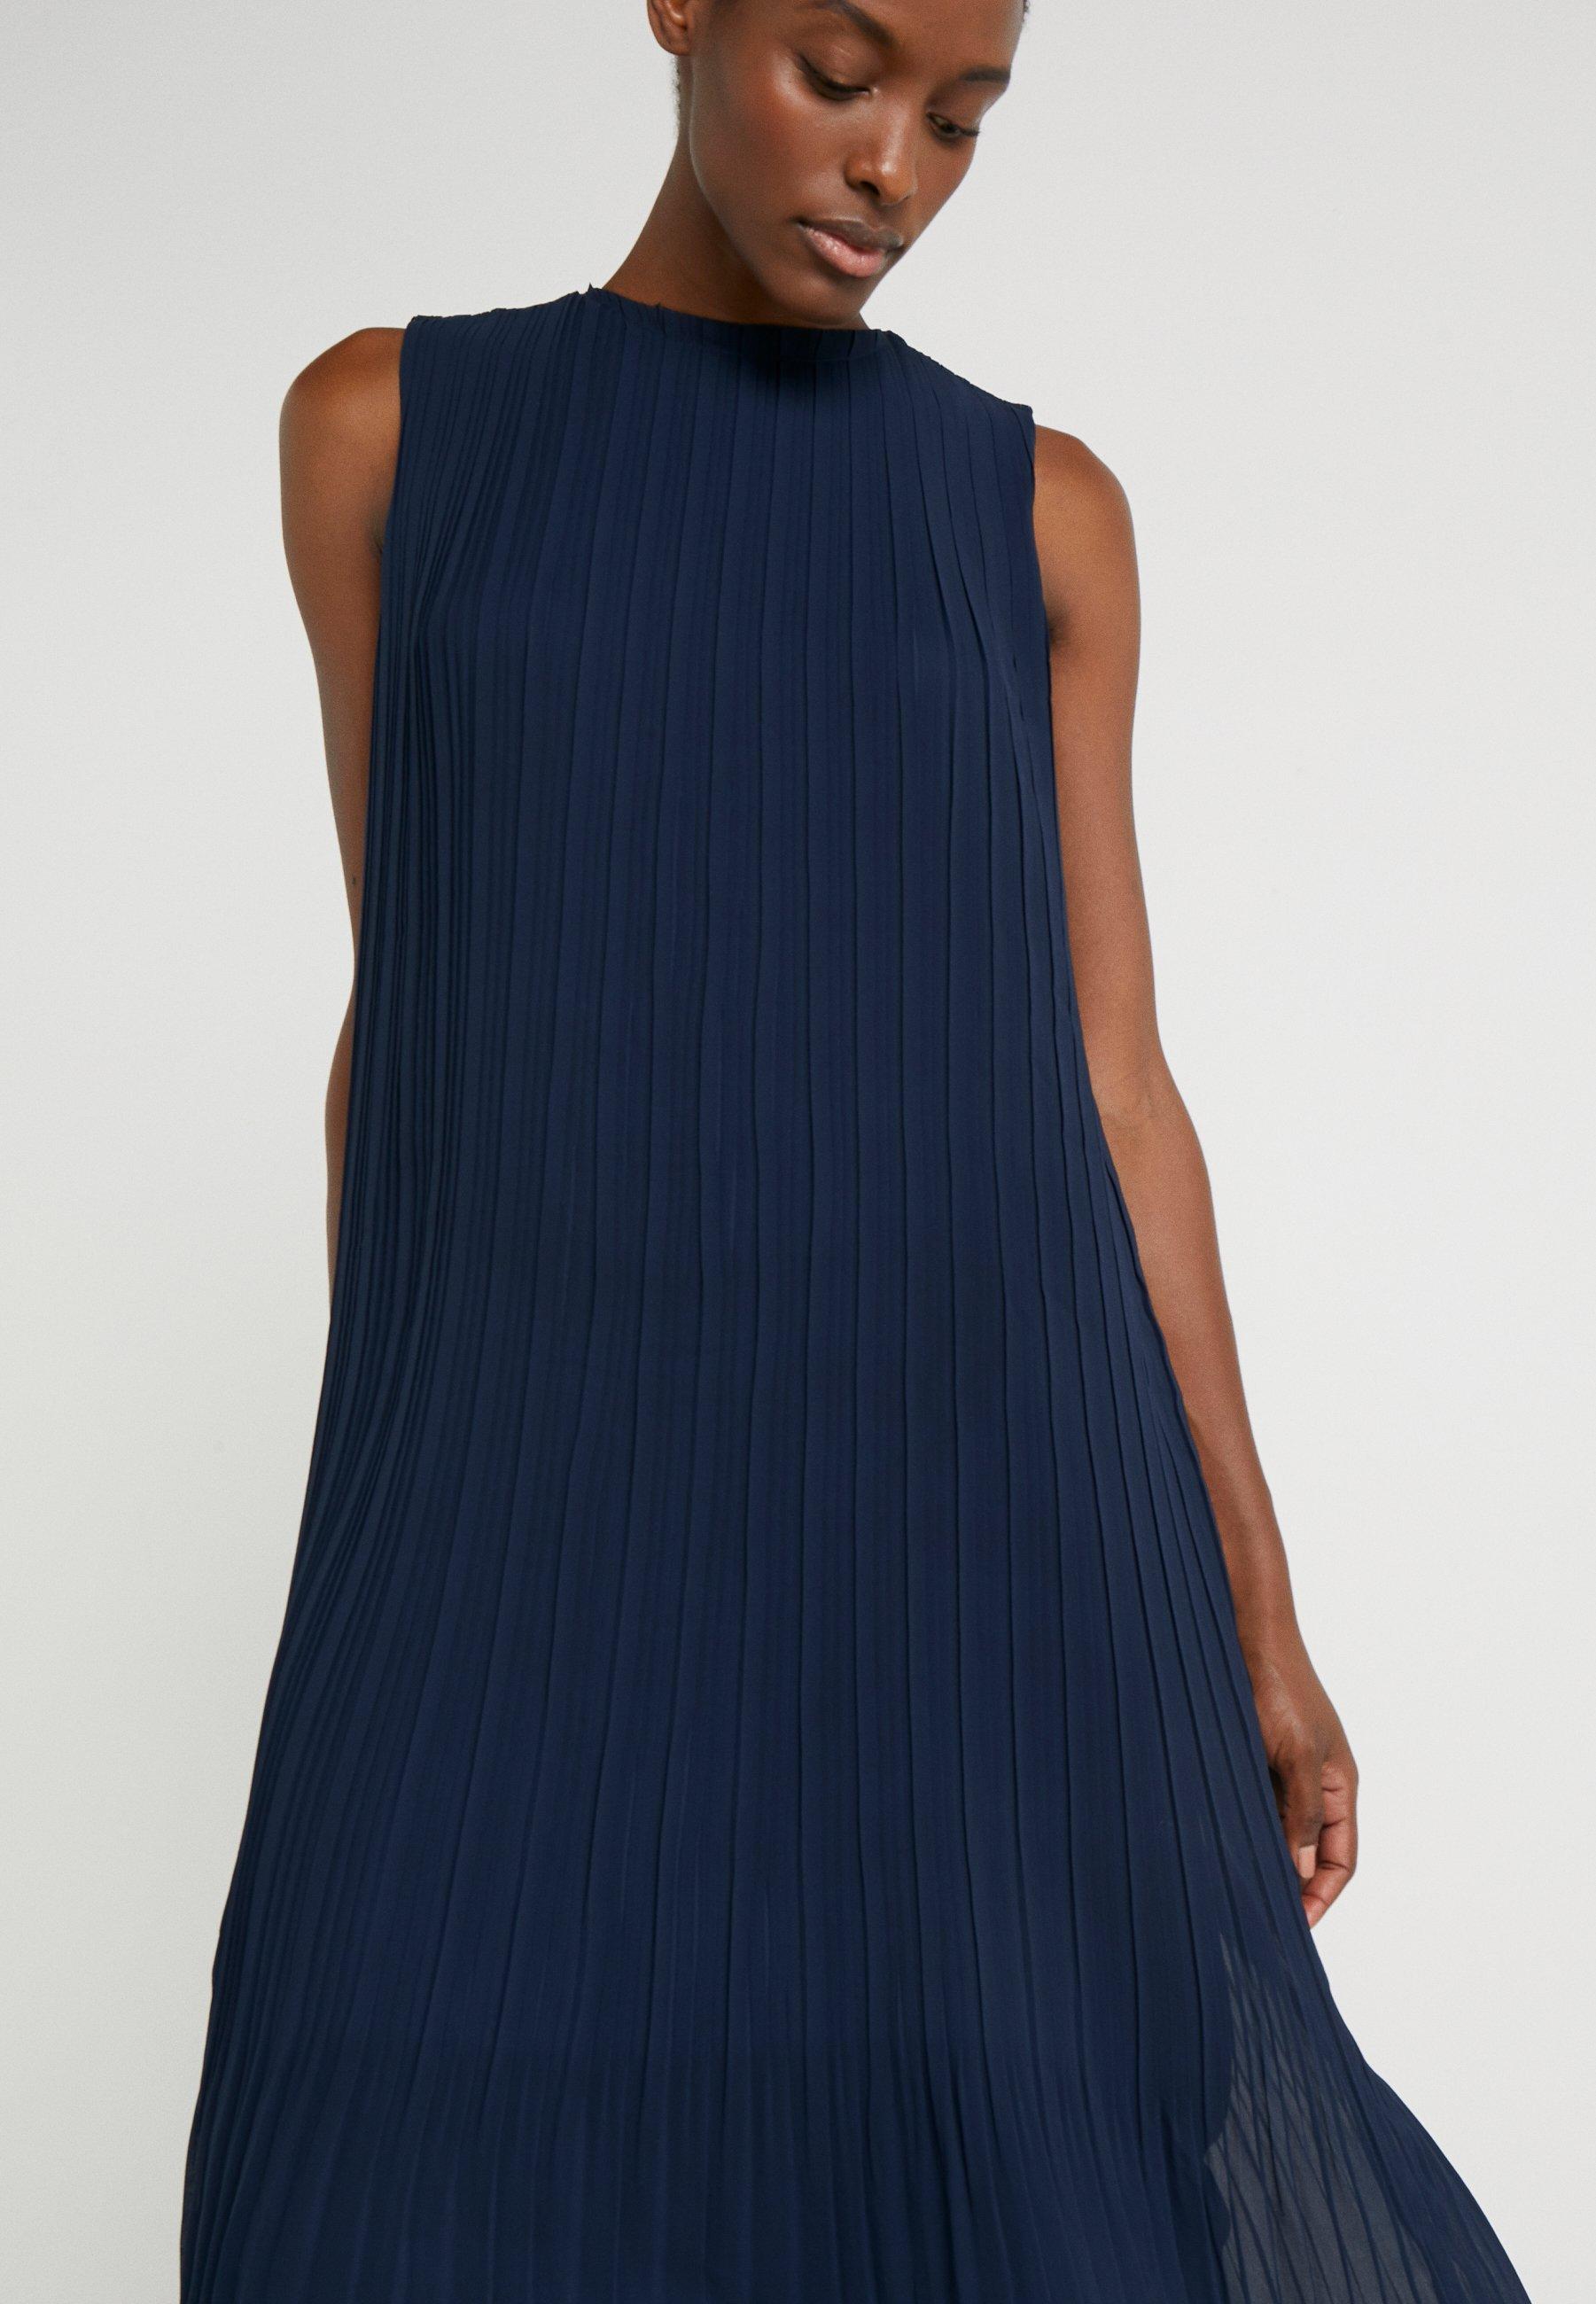 Club Monaco Pintuck Dress, Currant | Club monaco, Pin tucks